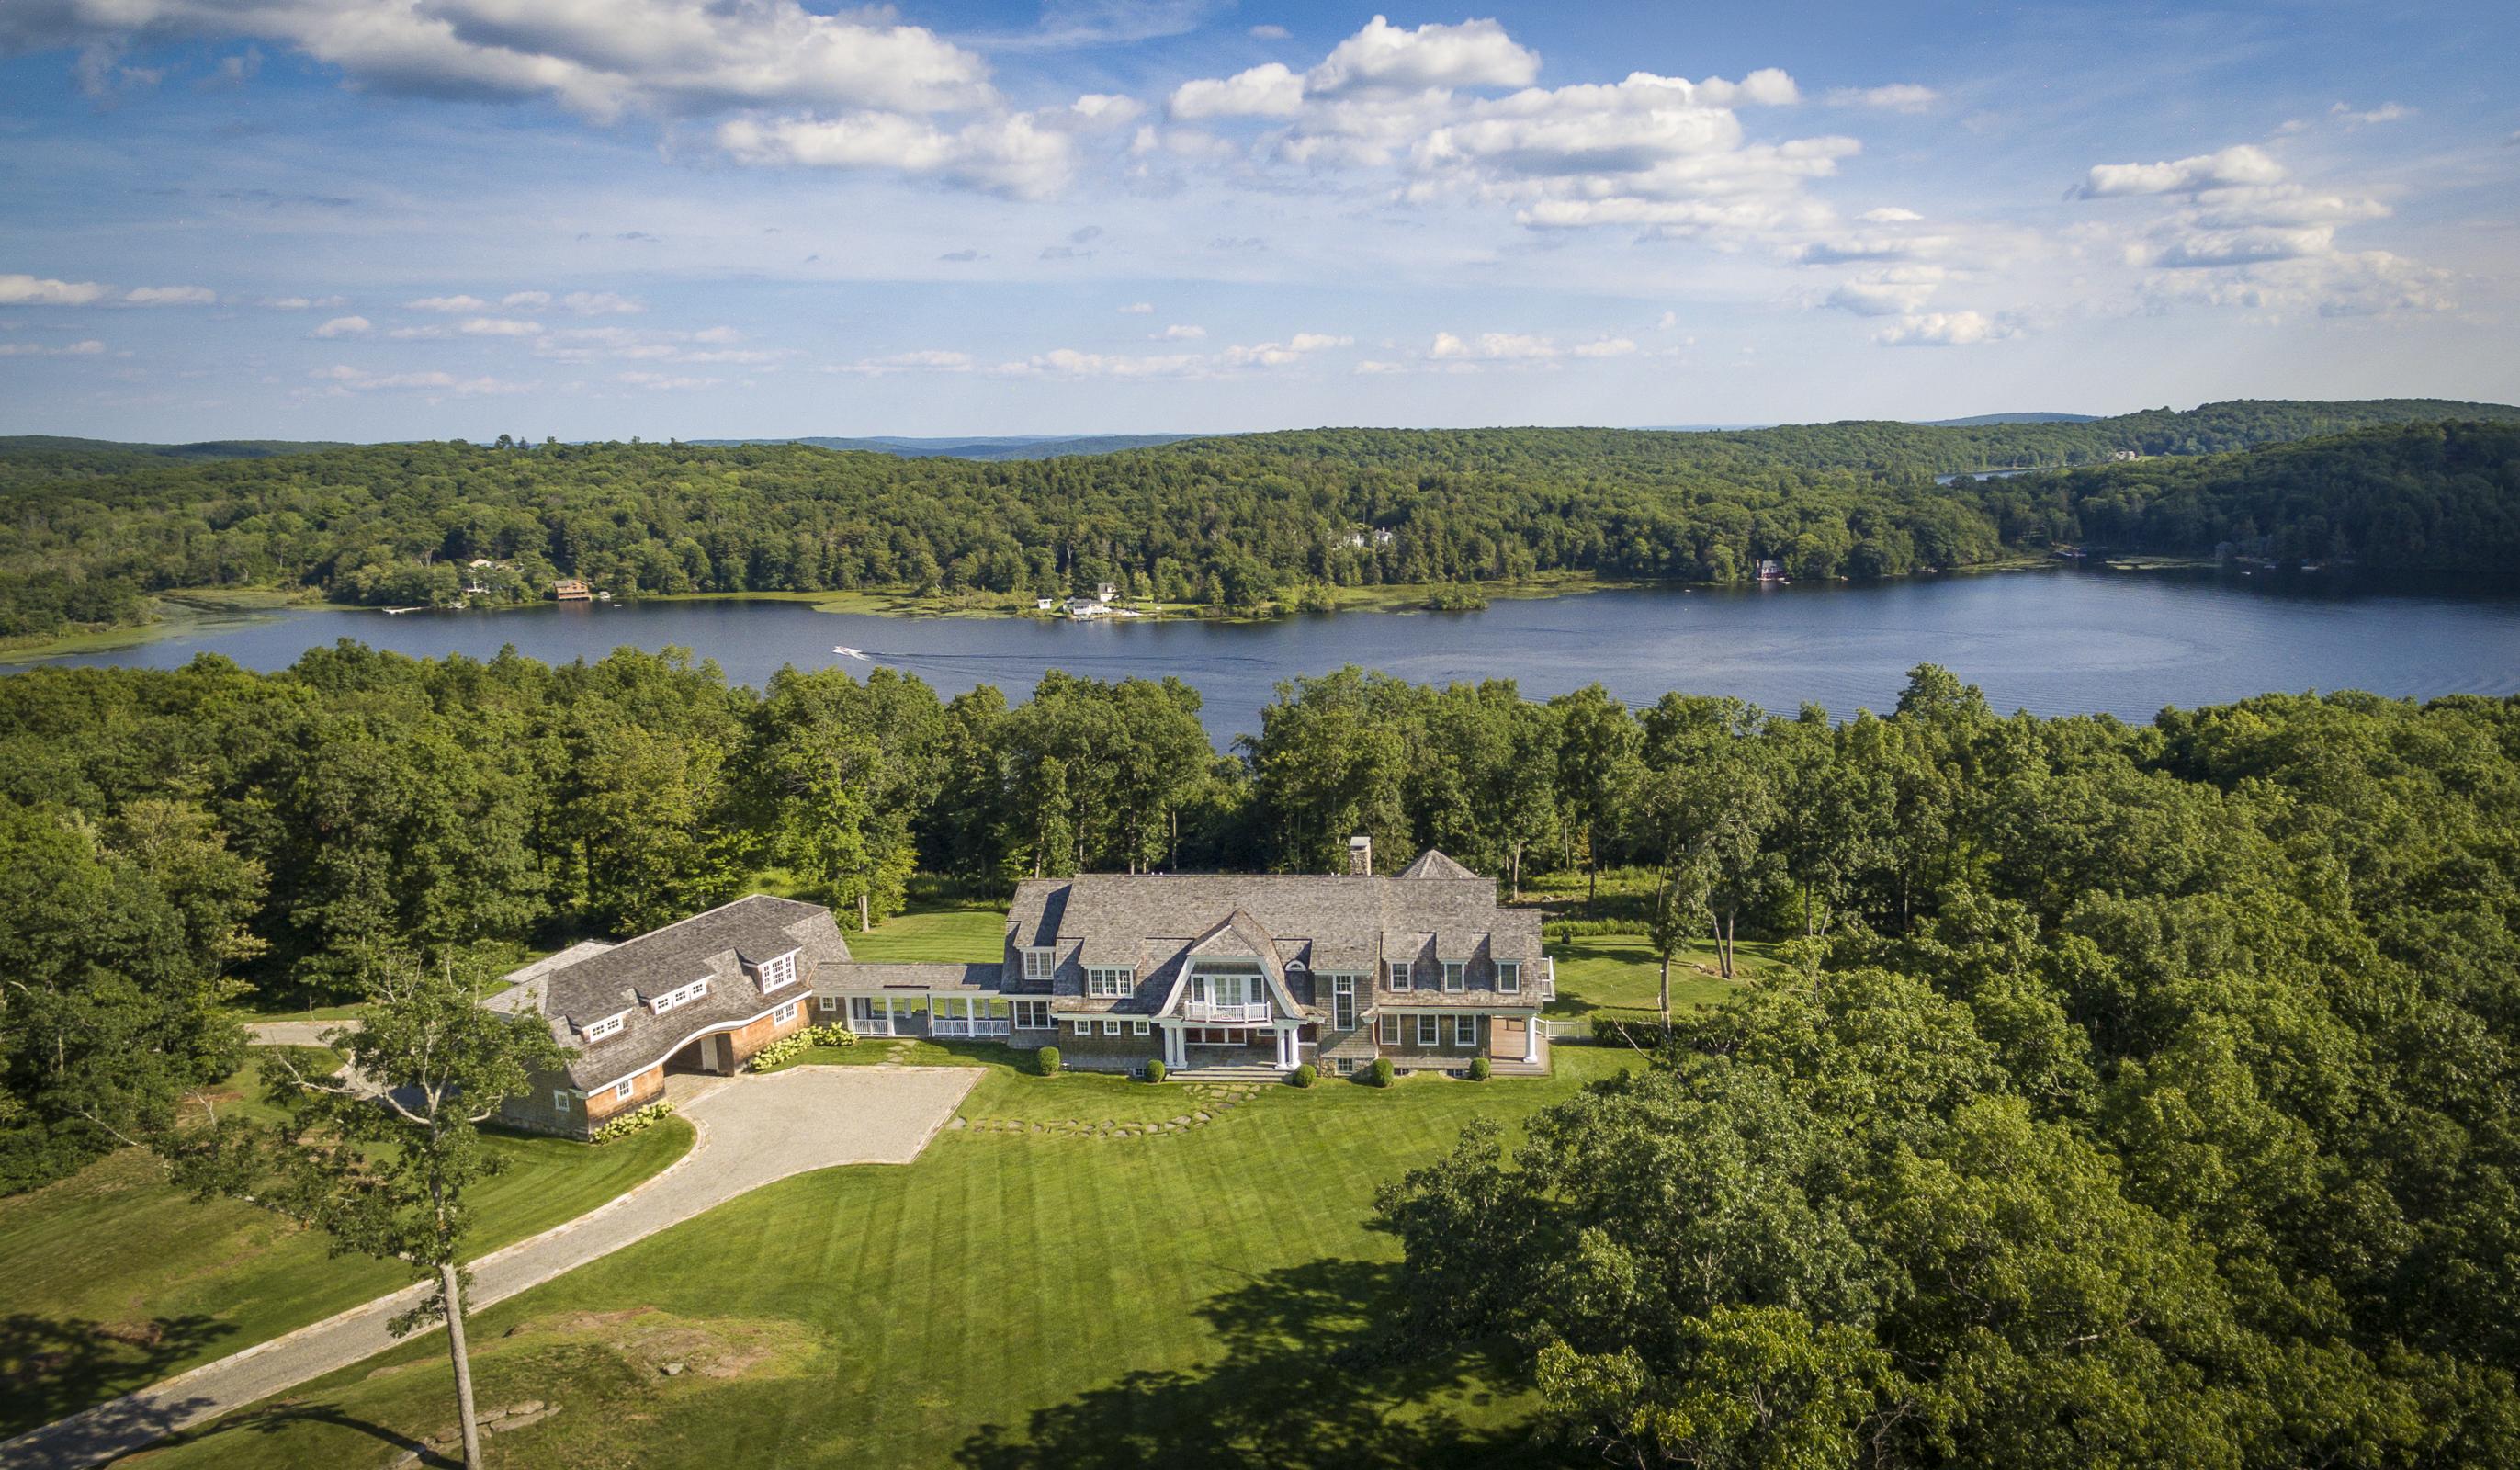 独户住宅 为 销售 在 New England Lake House 200 Kenmont Rd 肯特, 康涅狄格州, 06757 美国